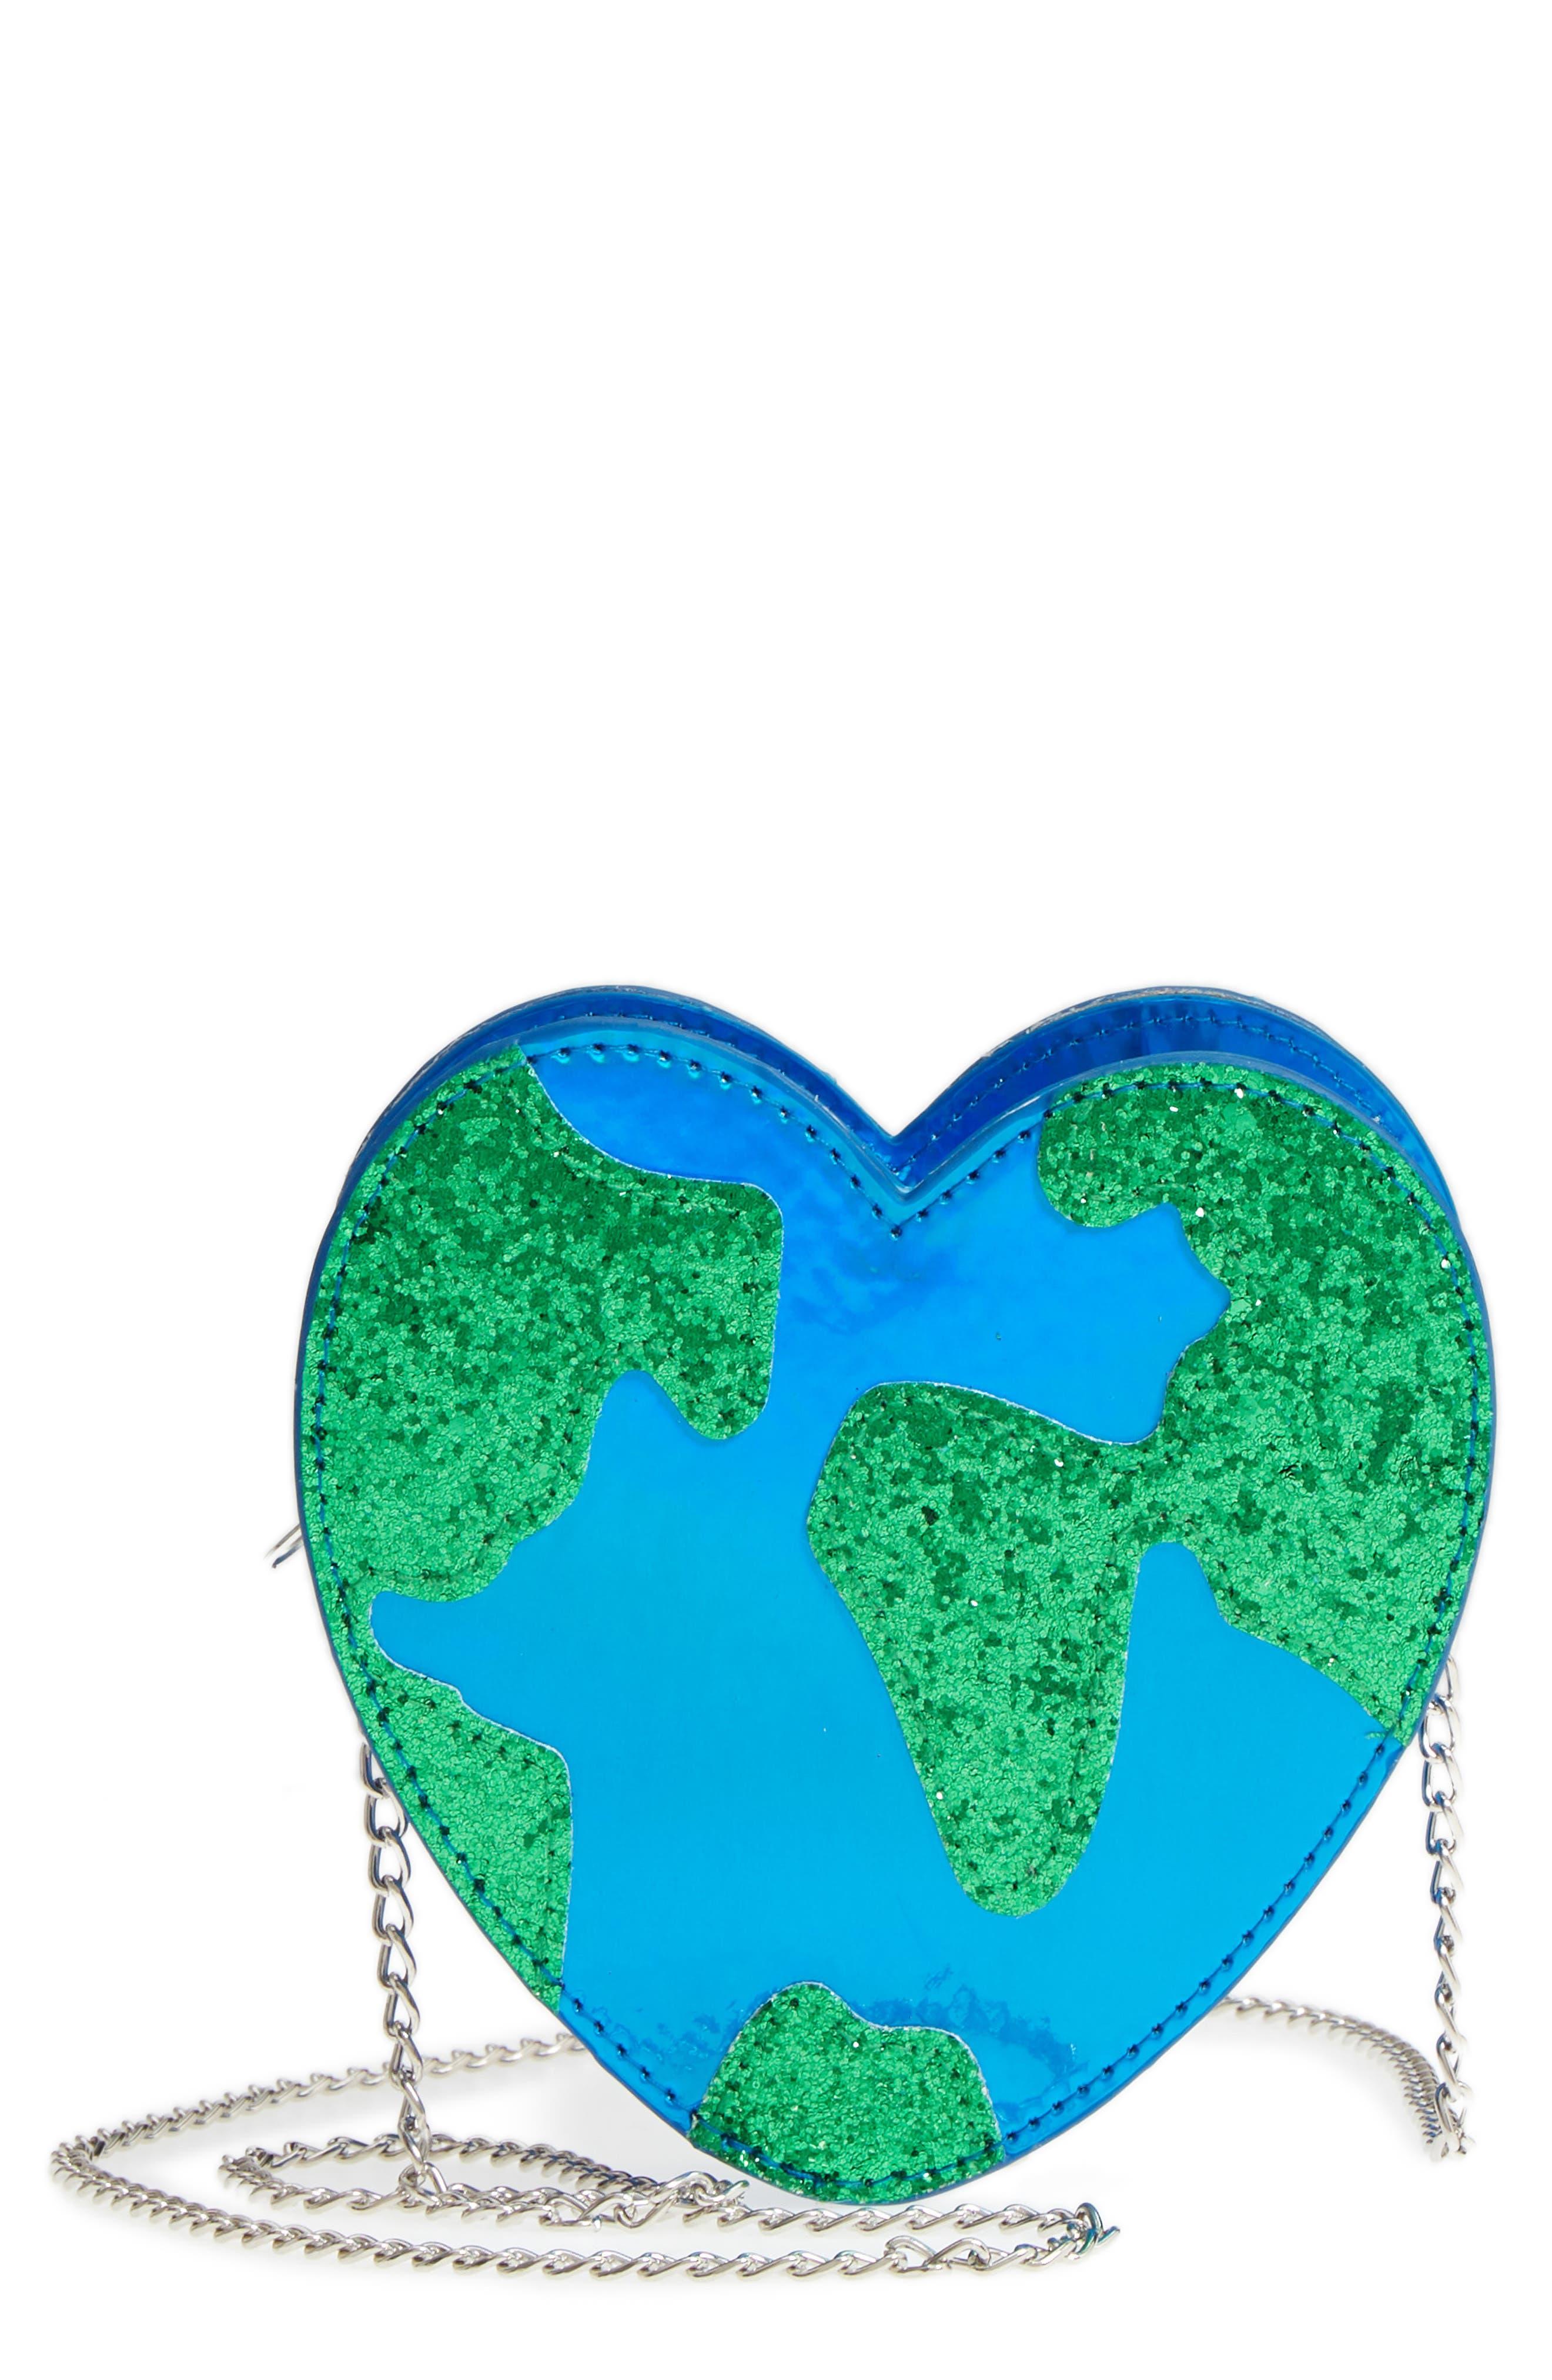 Heart Earth Crossbody Bag,                             Main thumbnail 1, color,                             Blue Combo